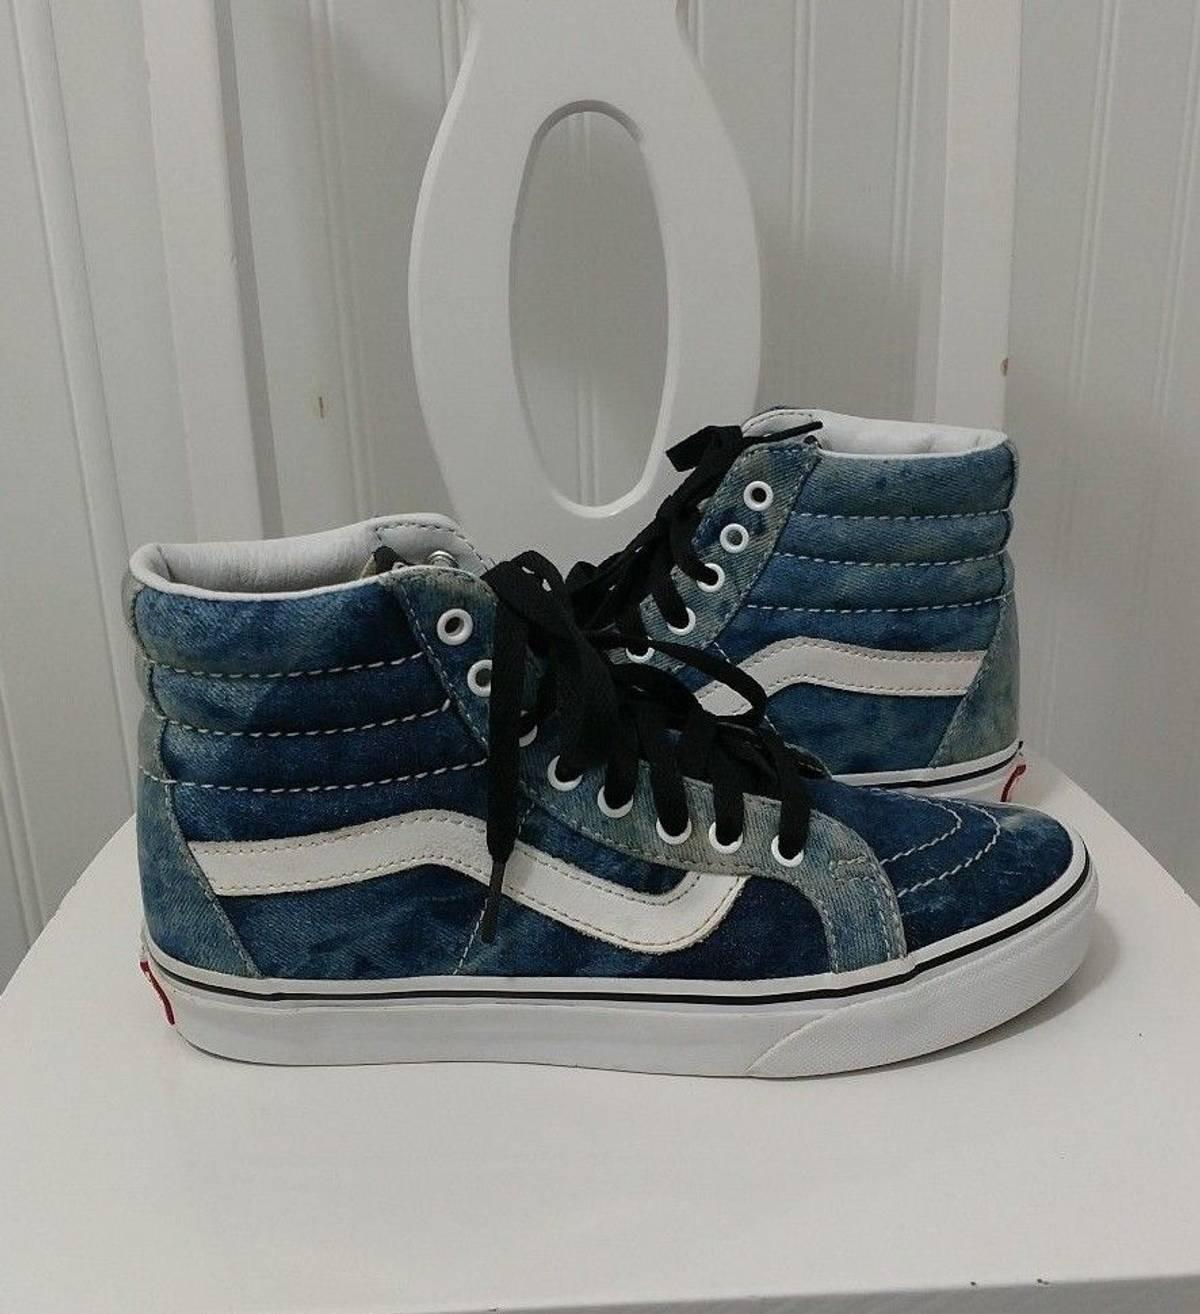 214d76120c Vans Vans Sk8 Hi Skate Shoes Acid Denim High Top Us Mens 11.5